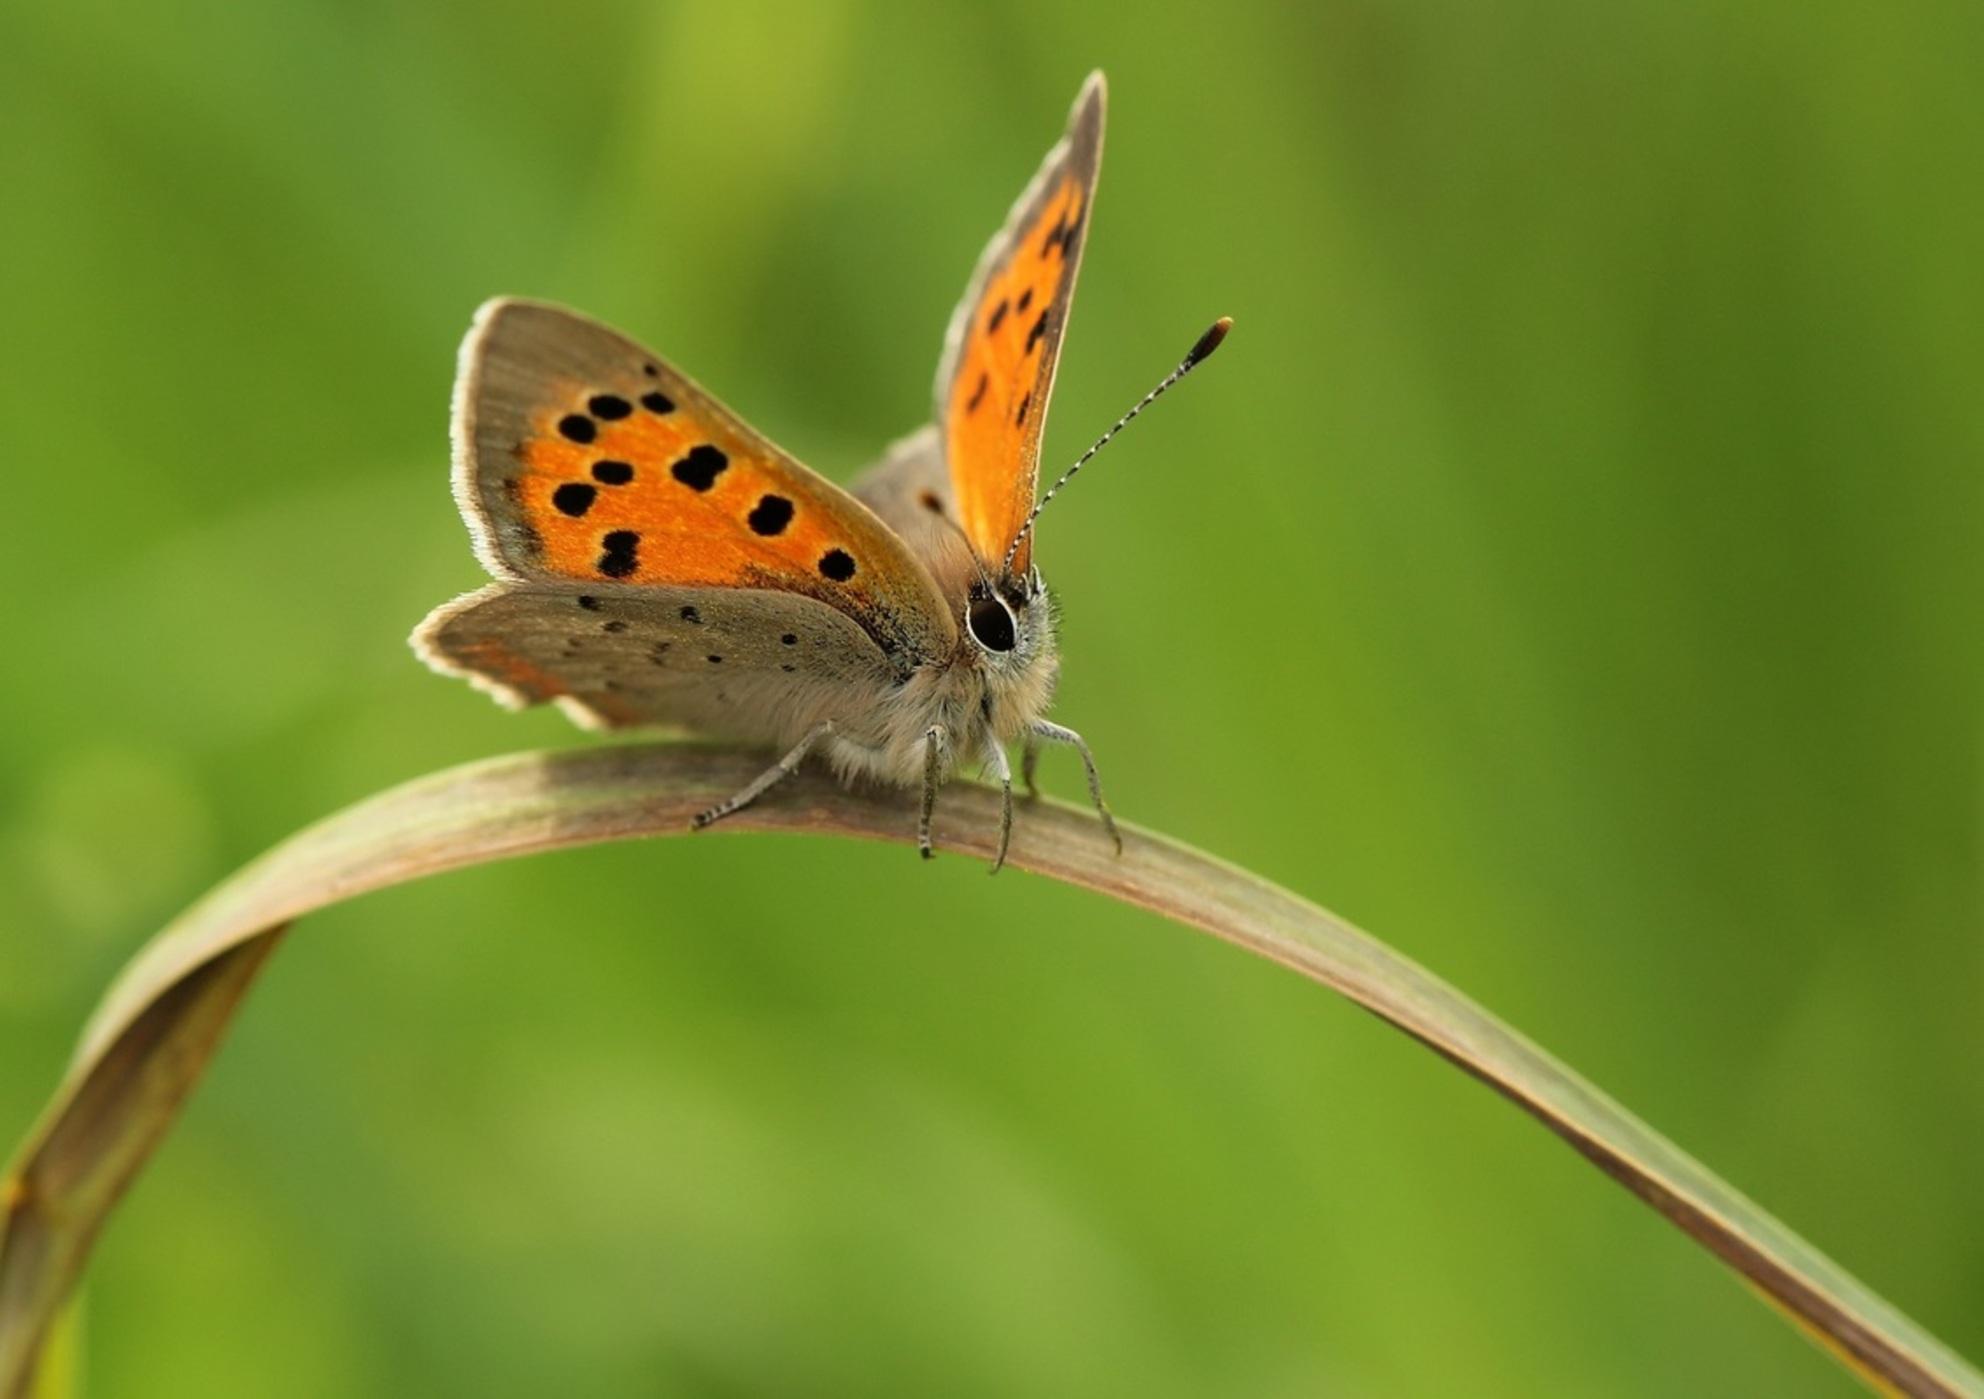 Kleine Vuurvlinder - Kleine Vuurvlinder in de berm langs klinkerweggetje. - foto door Duckie_zoom op 14-06-2017 - Deze foto mag gebruikt worden in een Zoom.nl publicatie